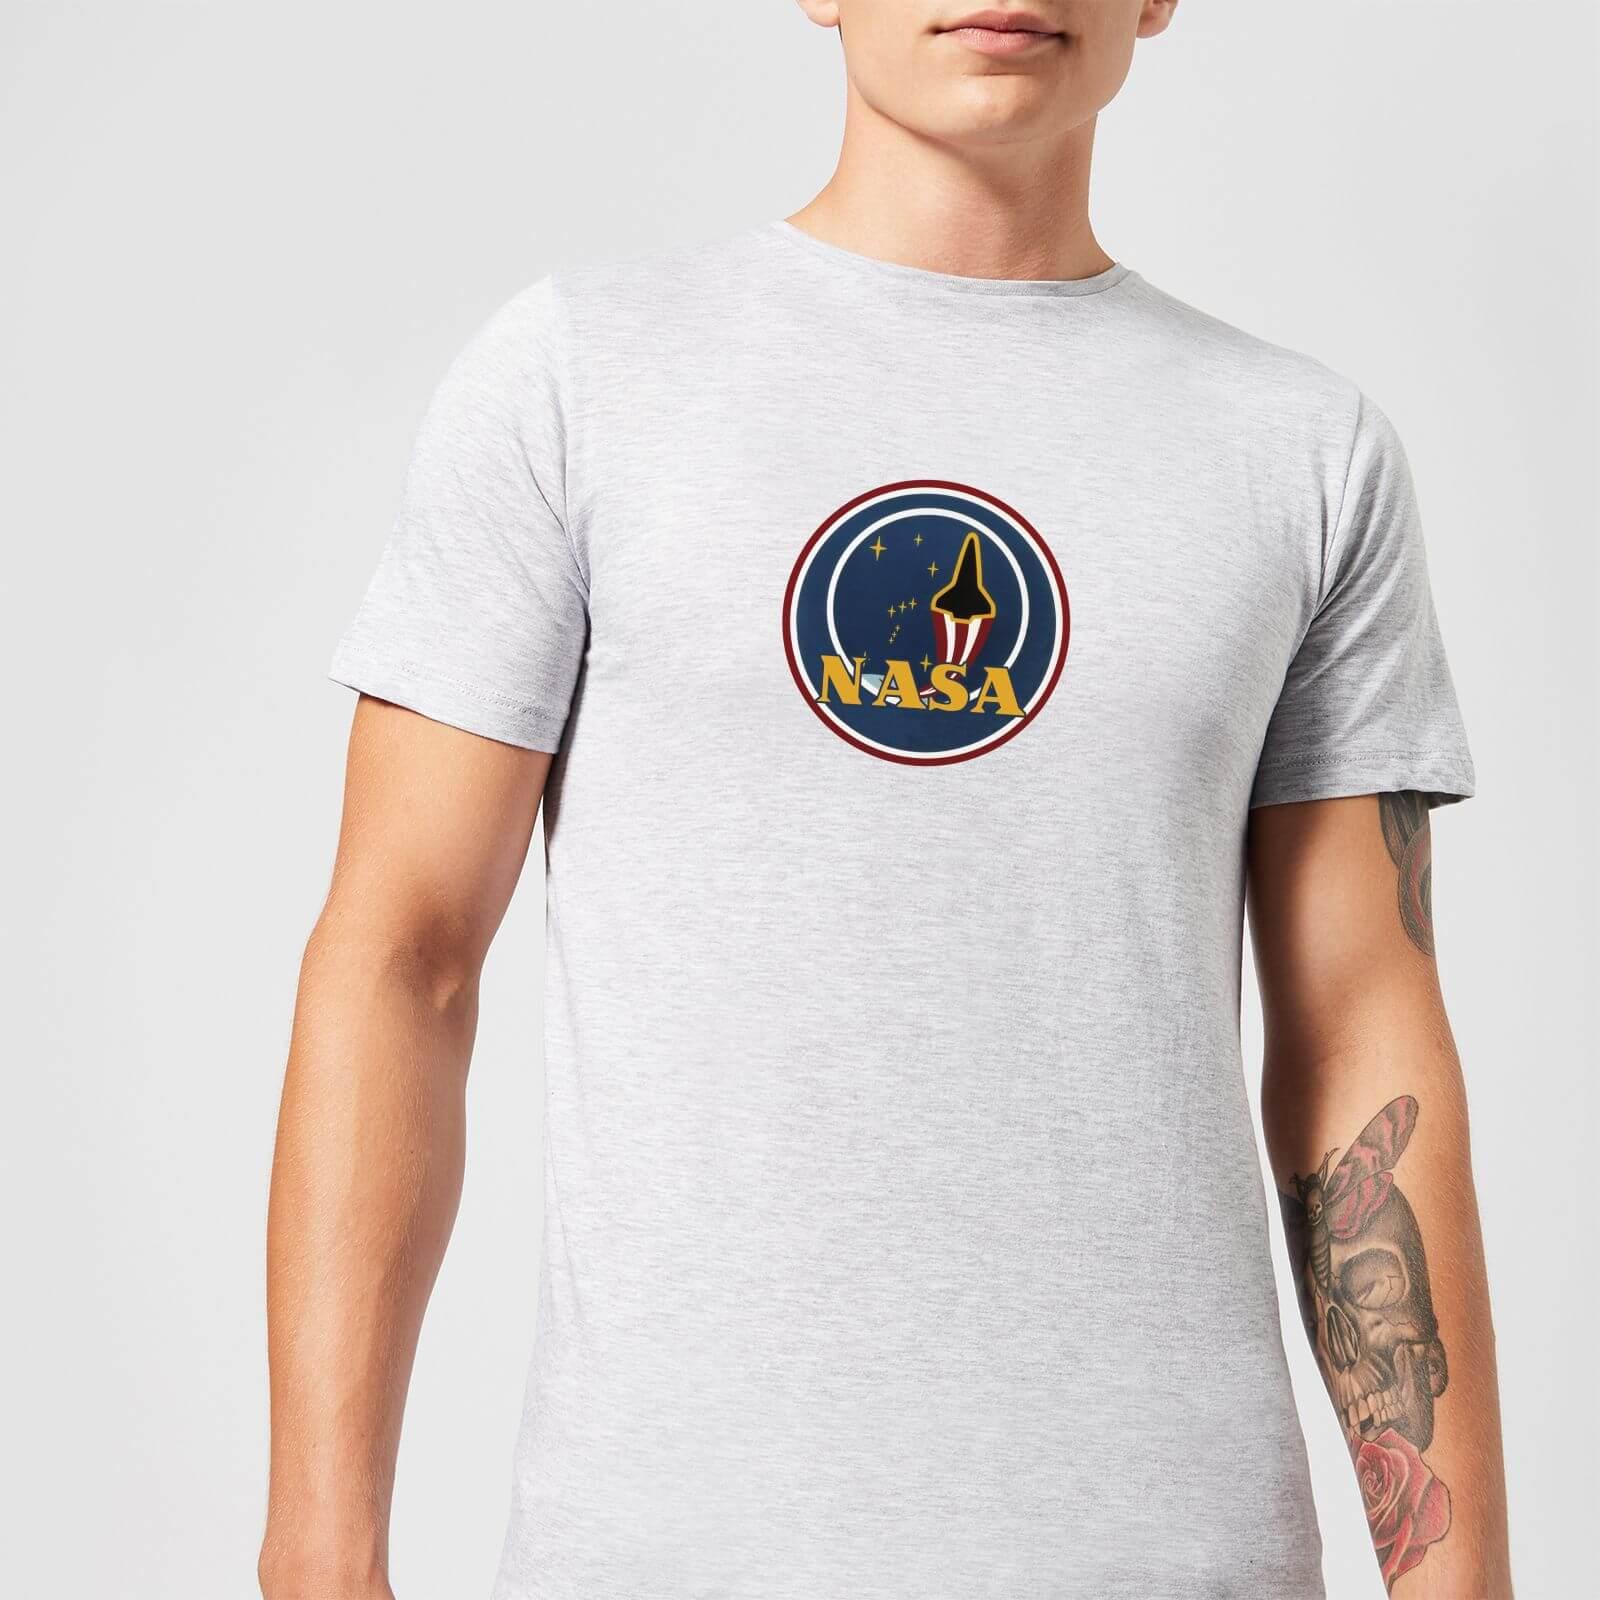 NASA JM Patch T-Shirt - Grey Clothing  2a5eb385a